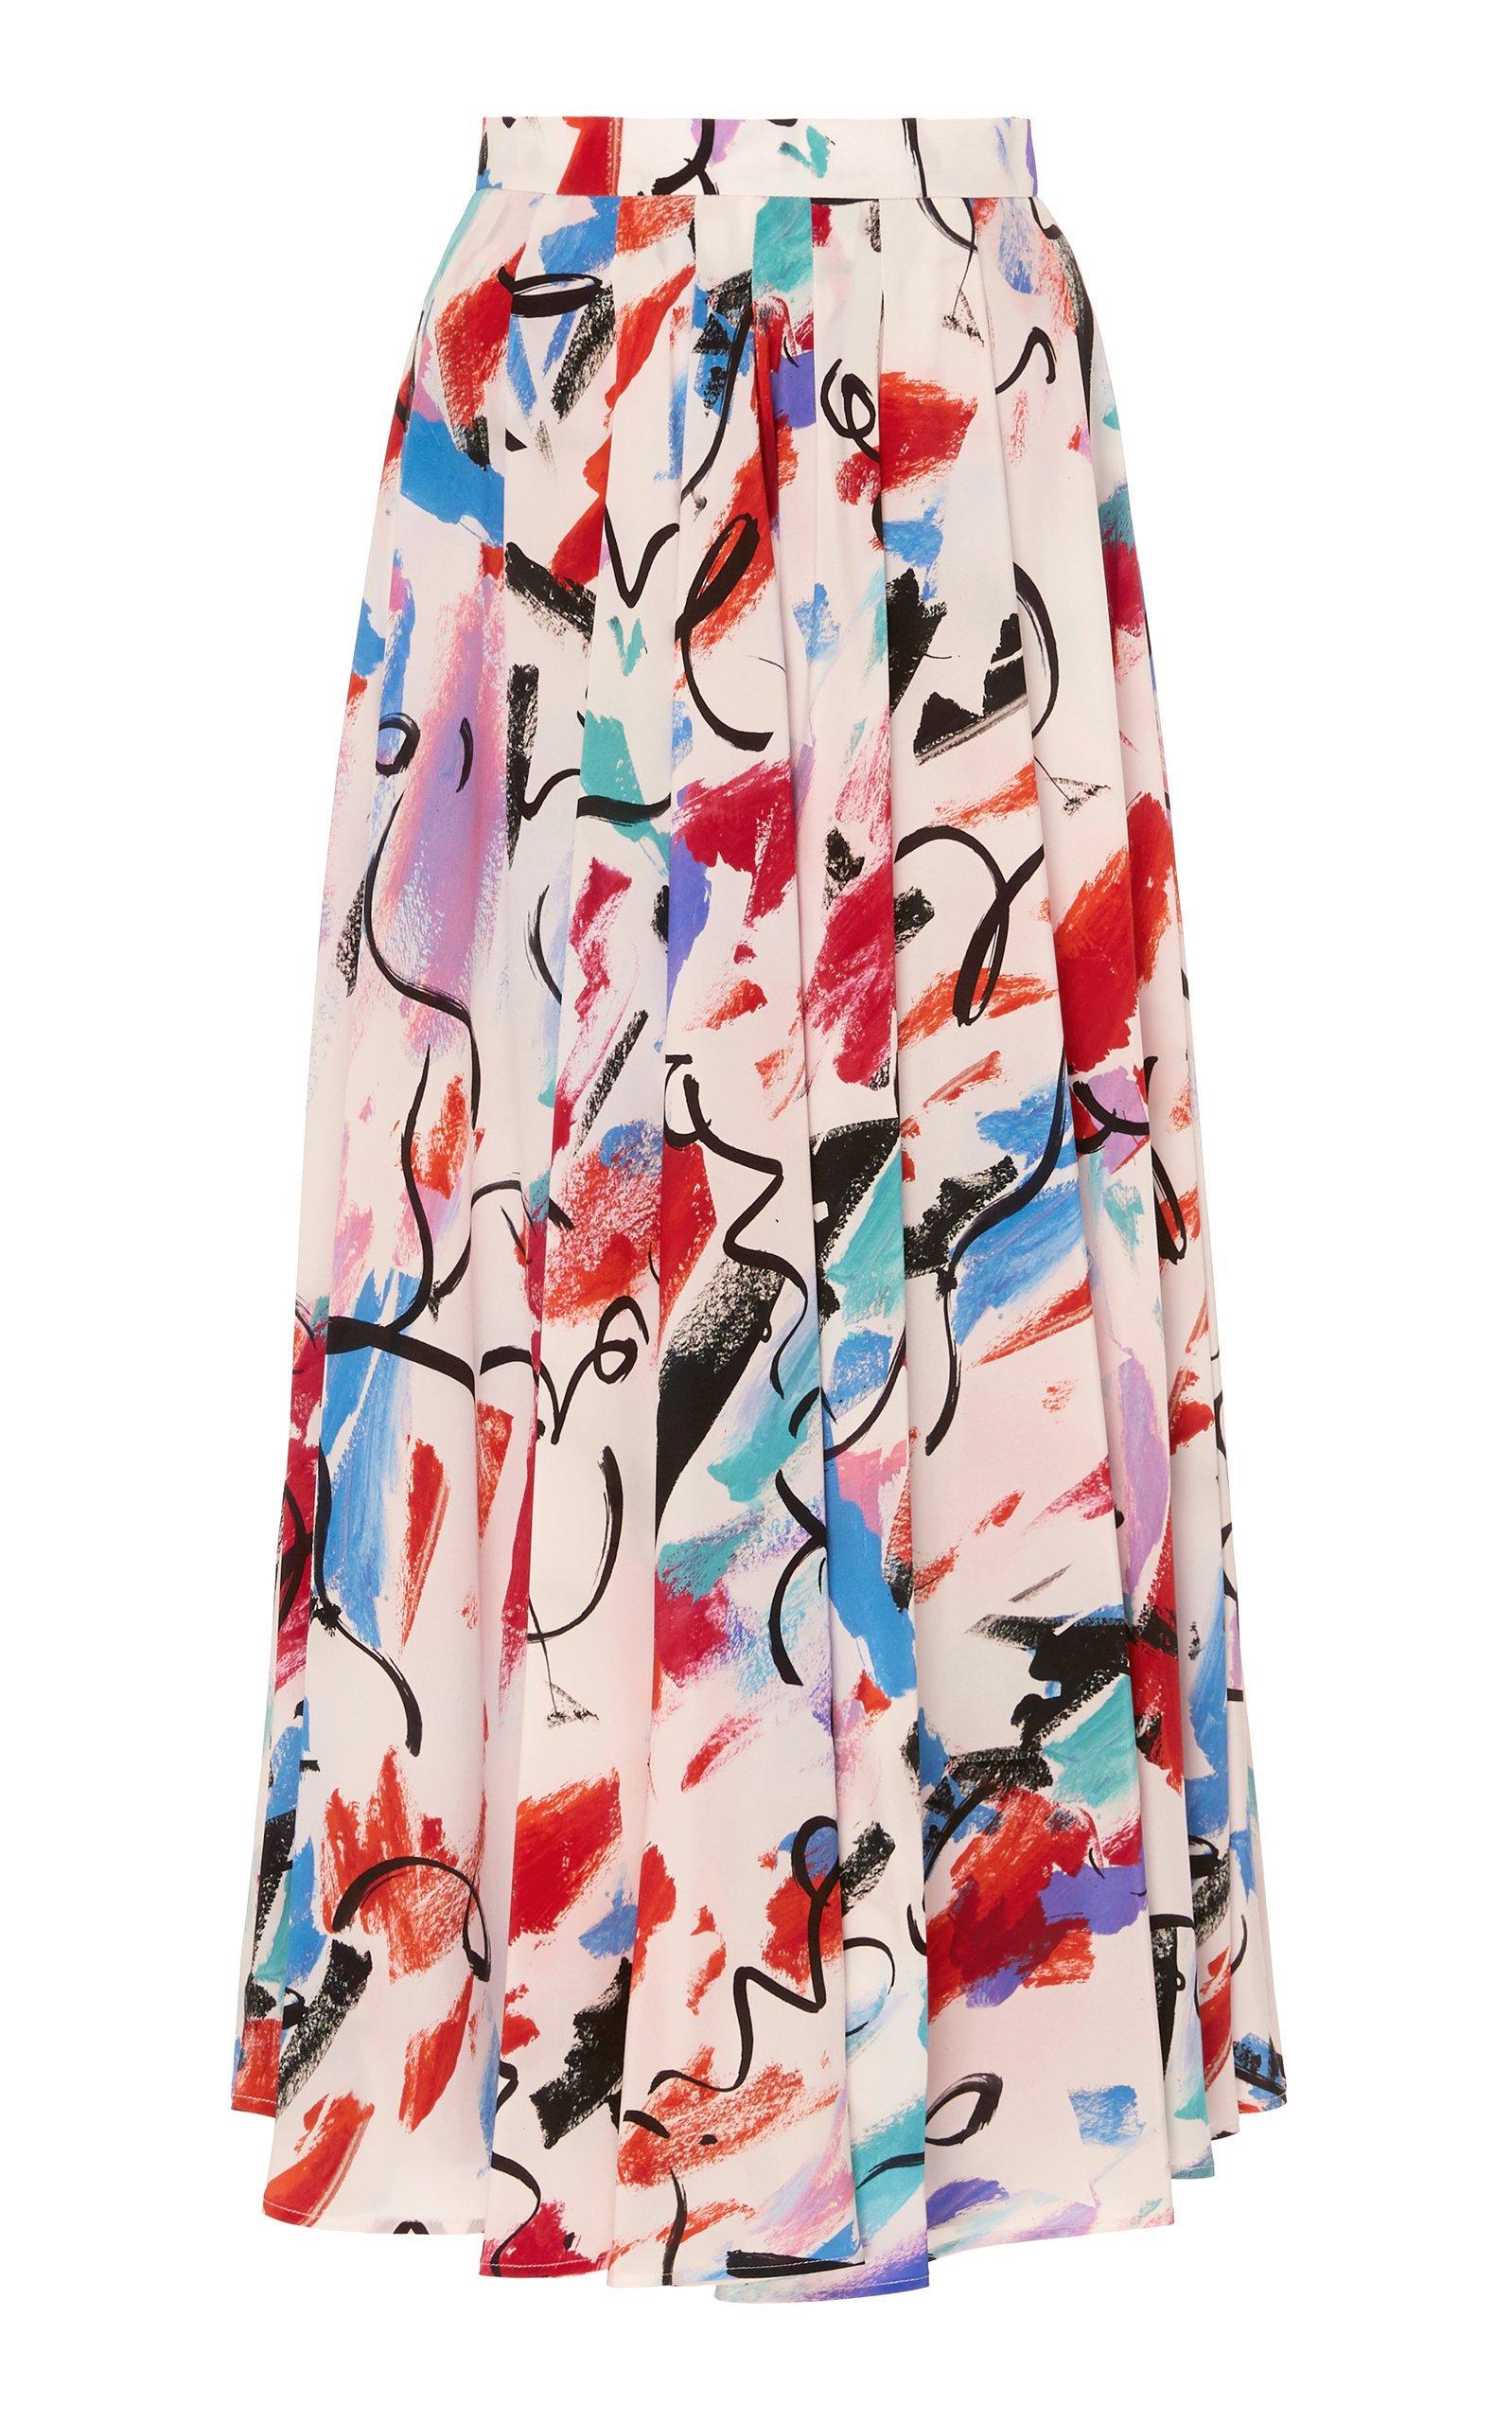 SOONIL Multi Printed Pleated Skirt Size: 12